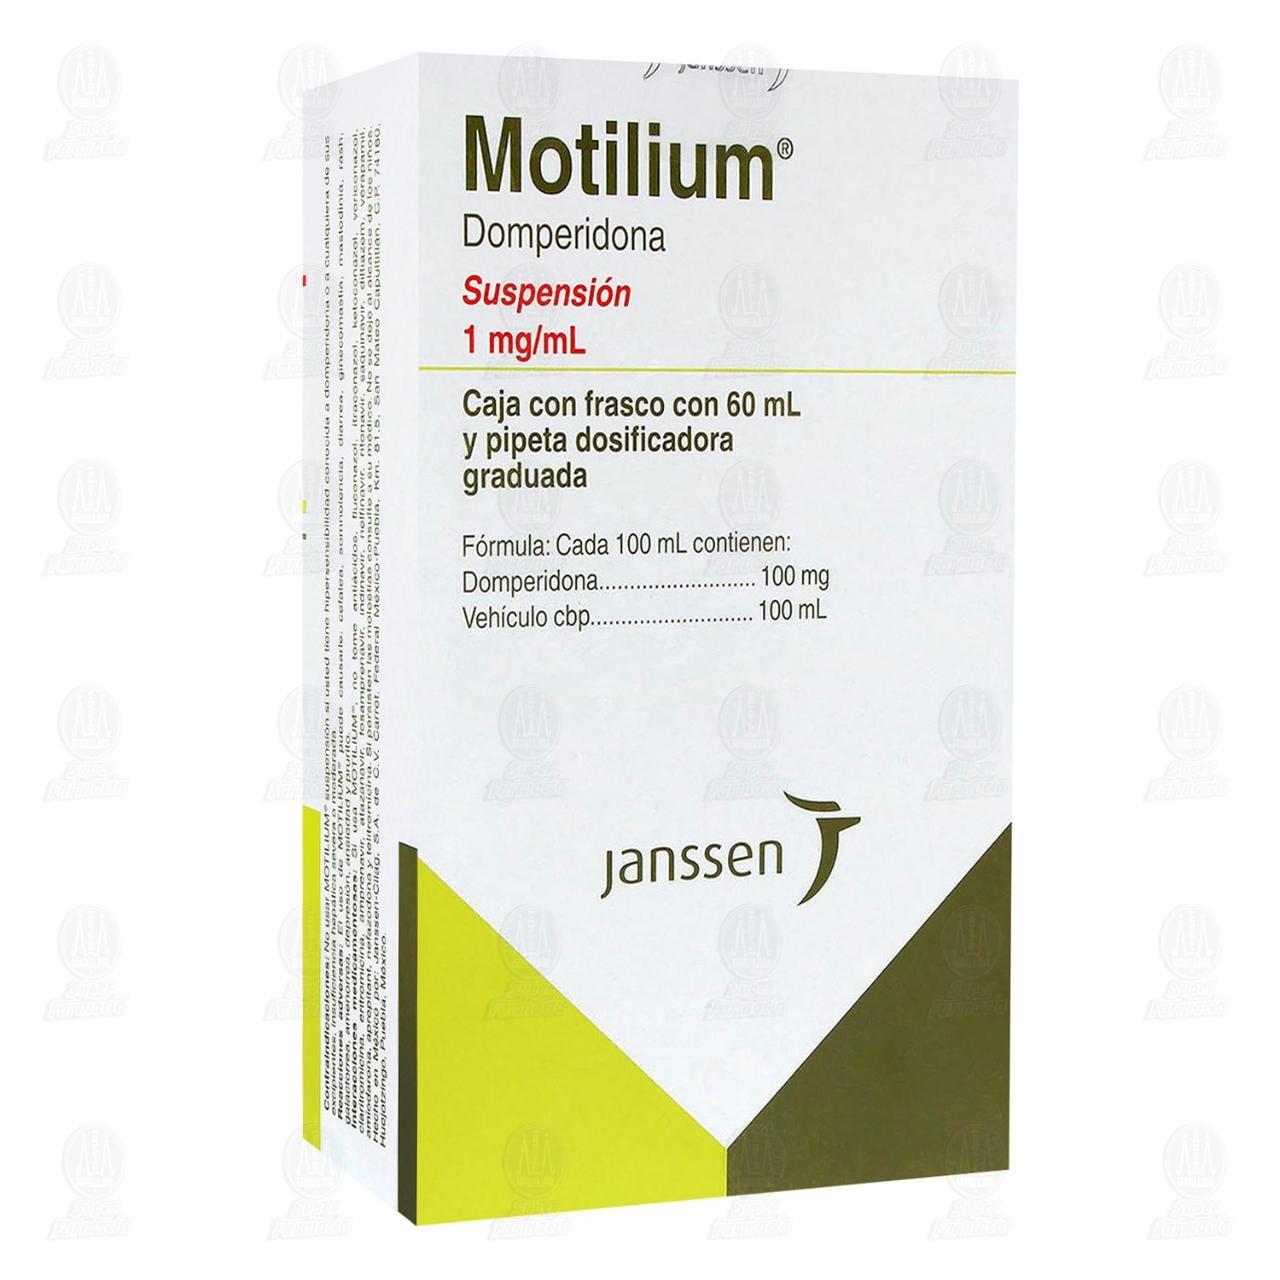 Comprar Motilium 1mg/ml 60ml Suspensión en Farmacias Guadalajara